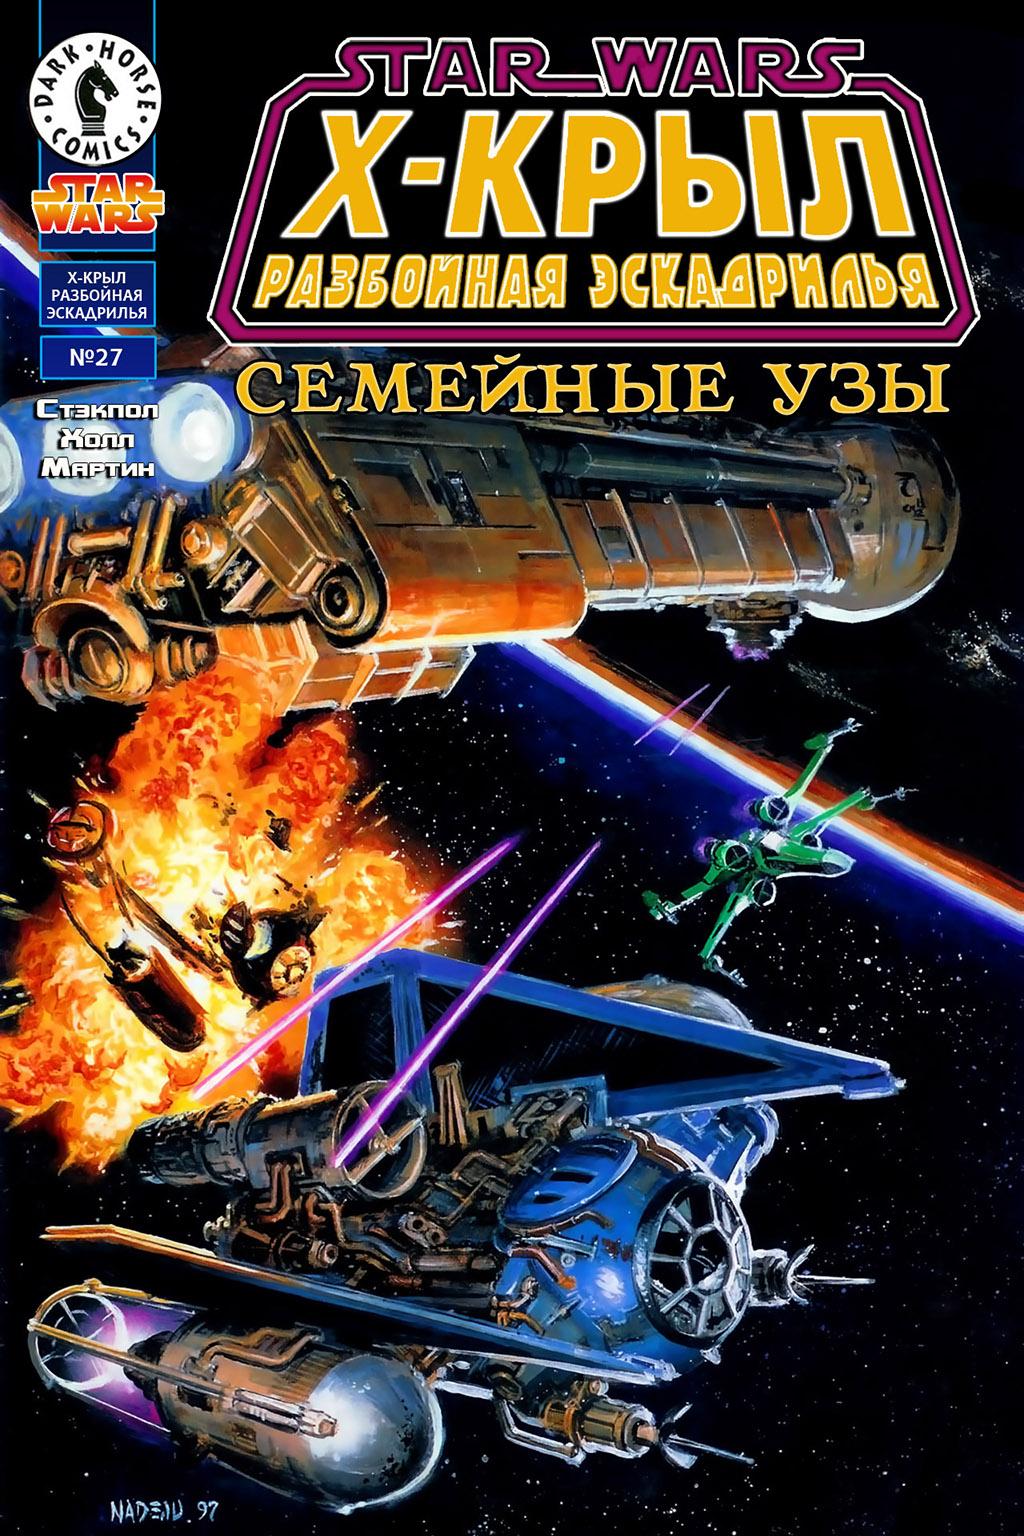 Комикс Звёздные войны - Х-Крыл: Разбойная Эскадрилья